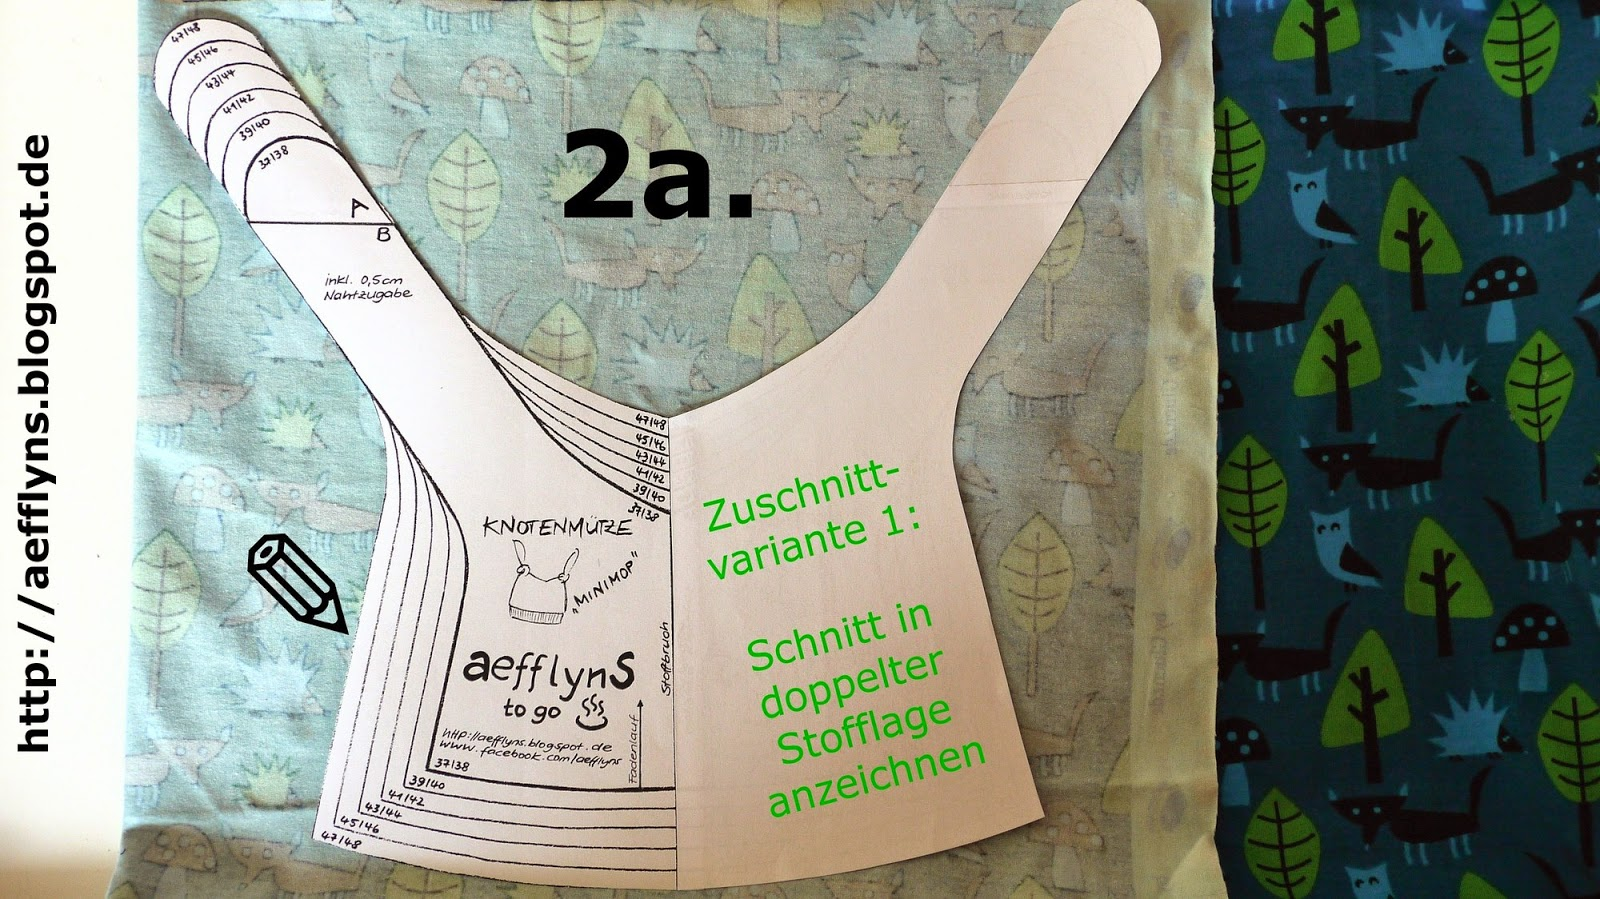 aefflynS - to go: FREEBOOK - Knotenmütze \'MINIMOP\'